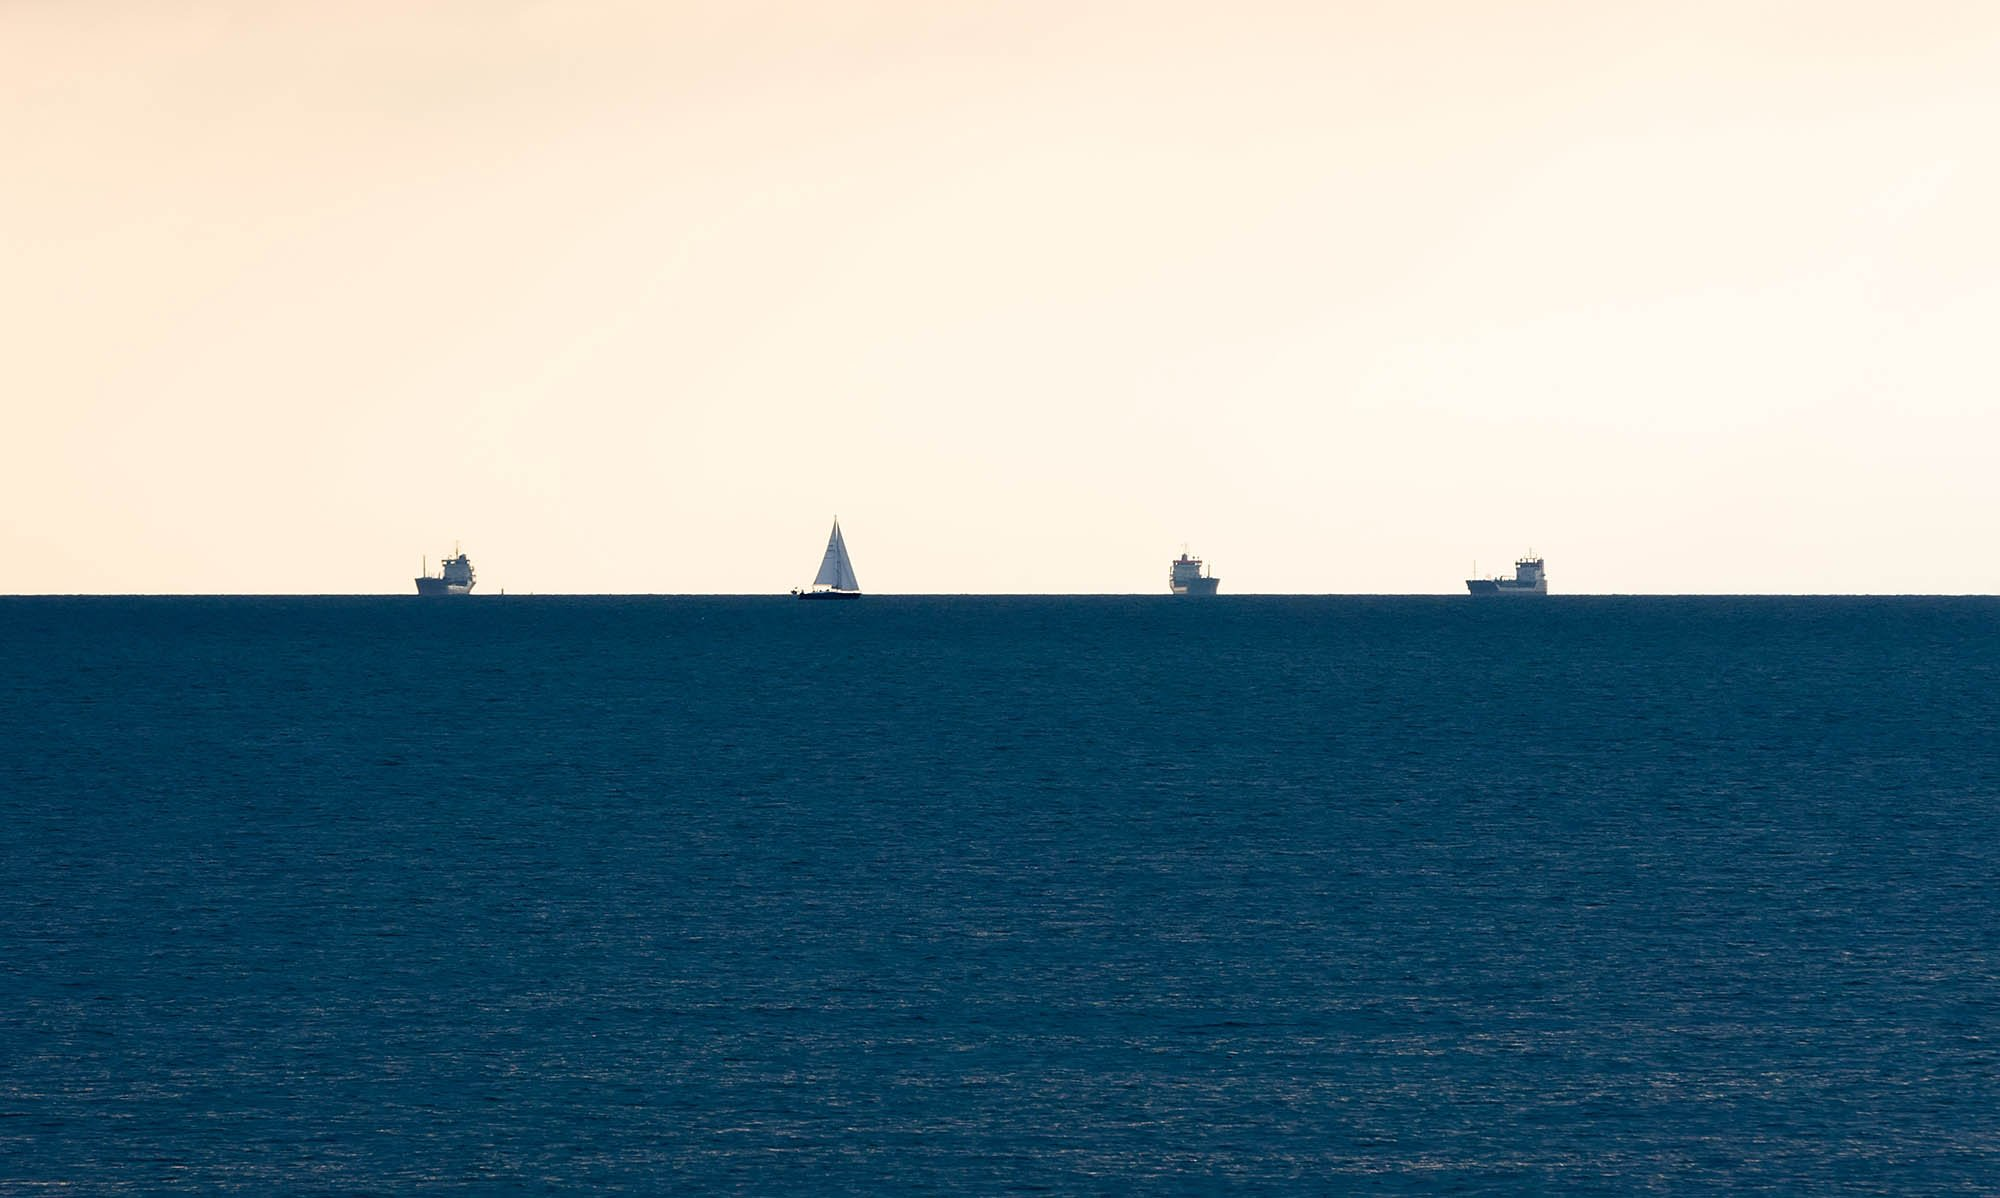 43 Three ships